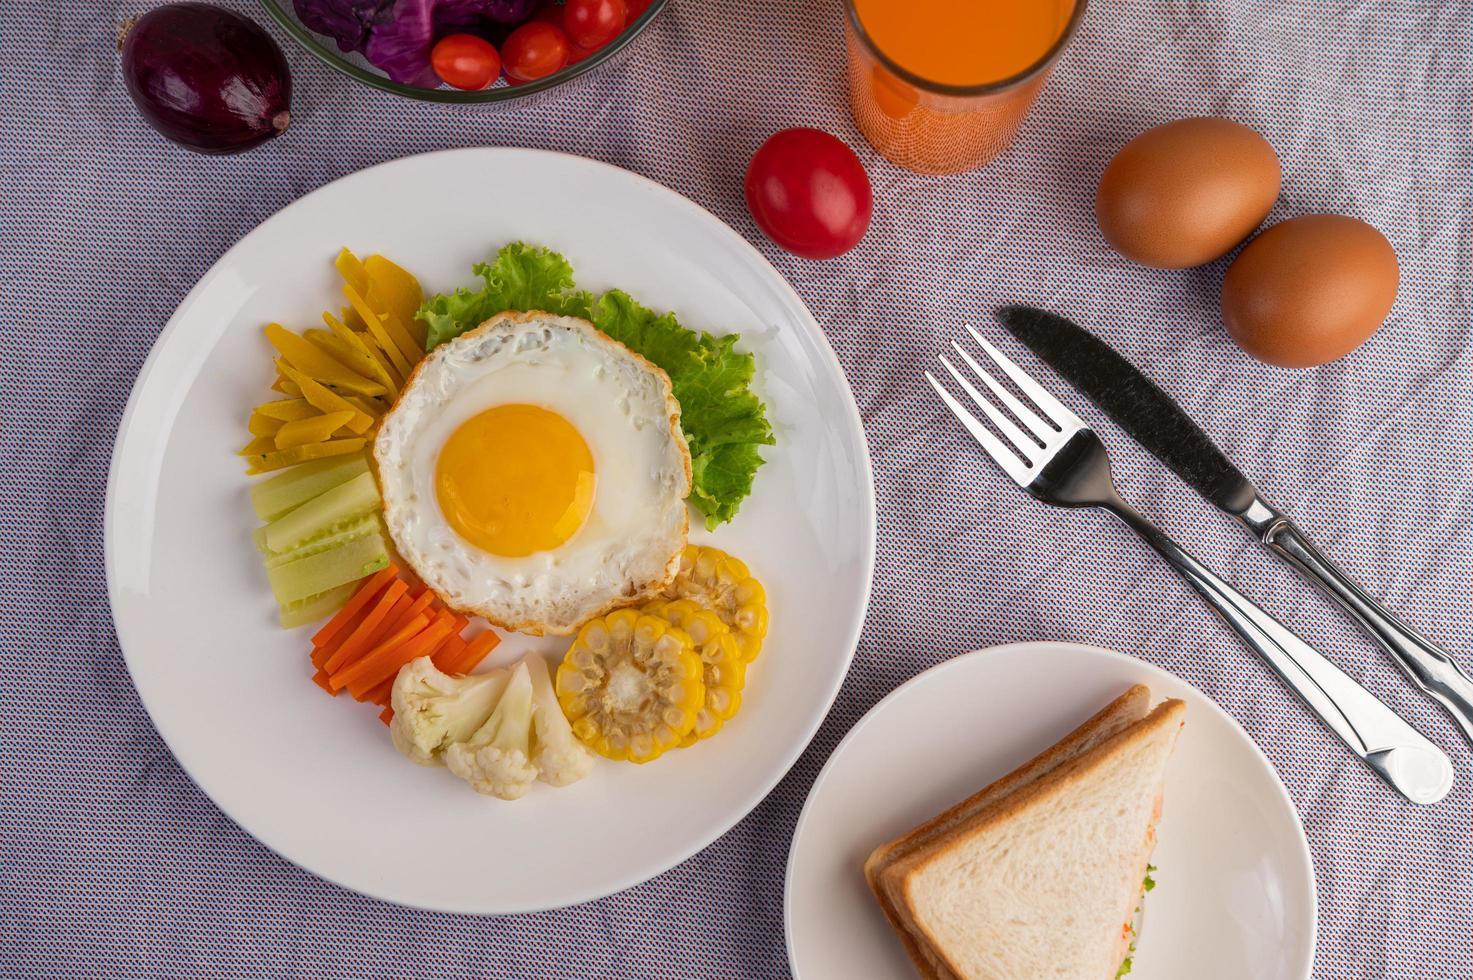 ovo frito café da manhã com vegetais e suco foto